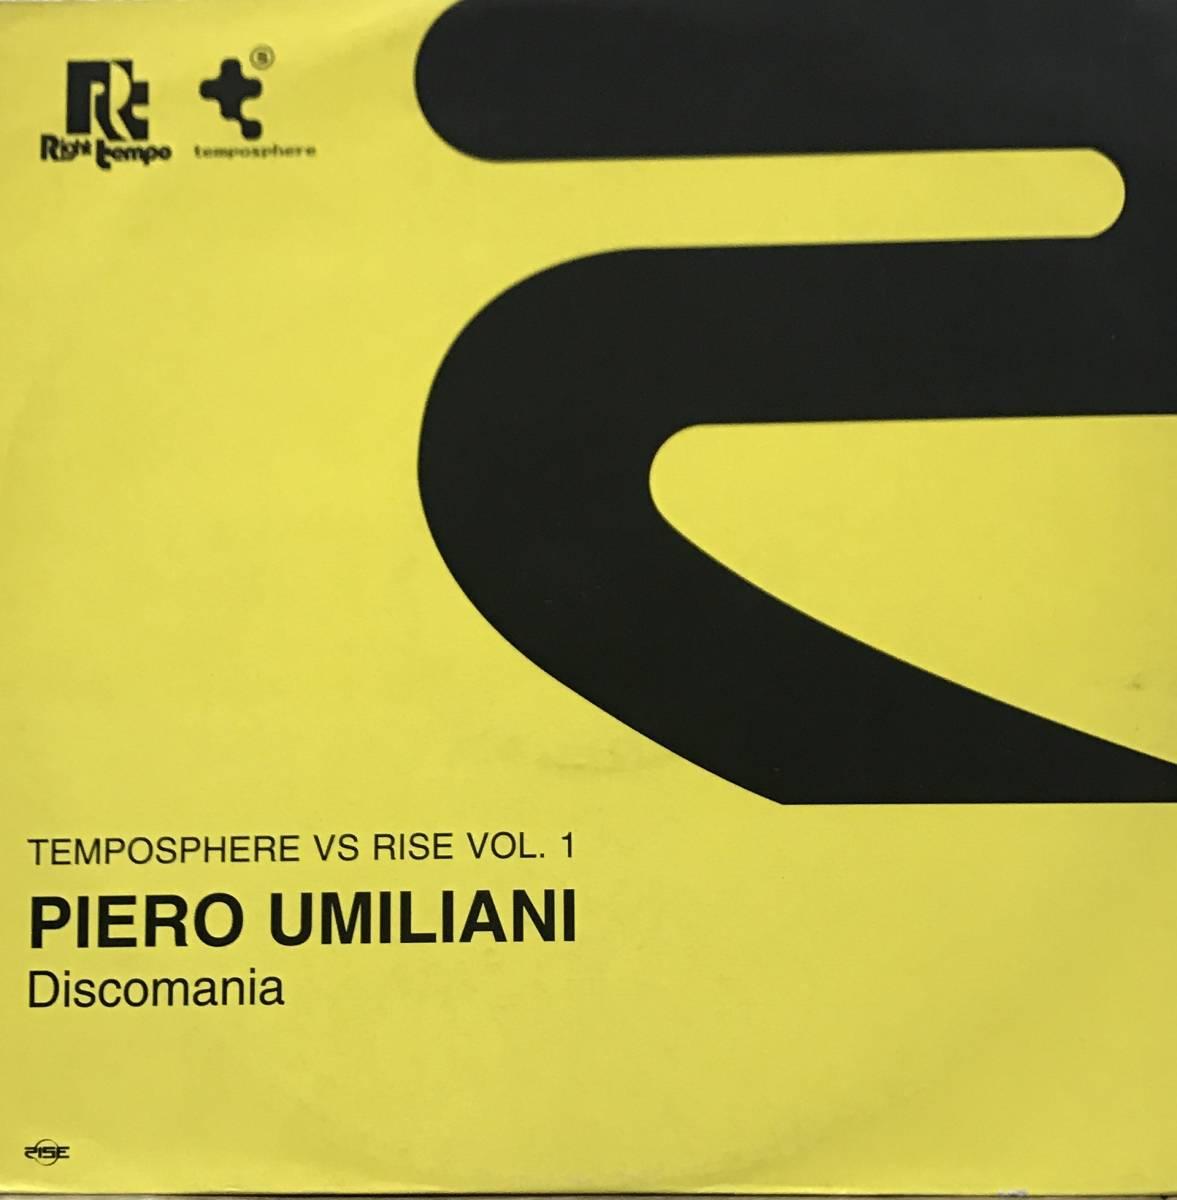 [まとめ売り可][12] Piero Umiliani - Discomania (House) ☆Rise 名曲クラシック! イタリア映画の巨匠 レコード Vinyl